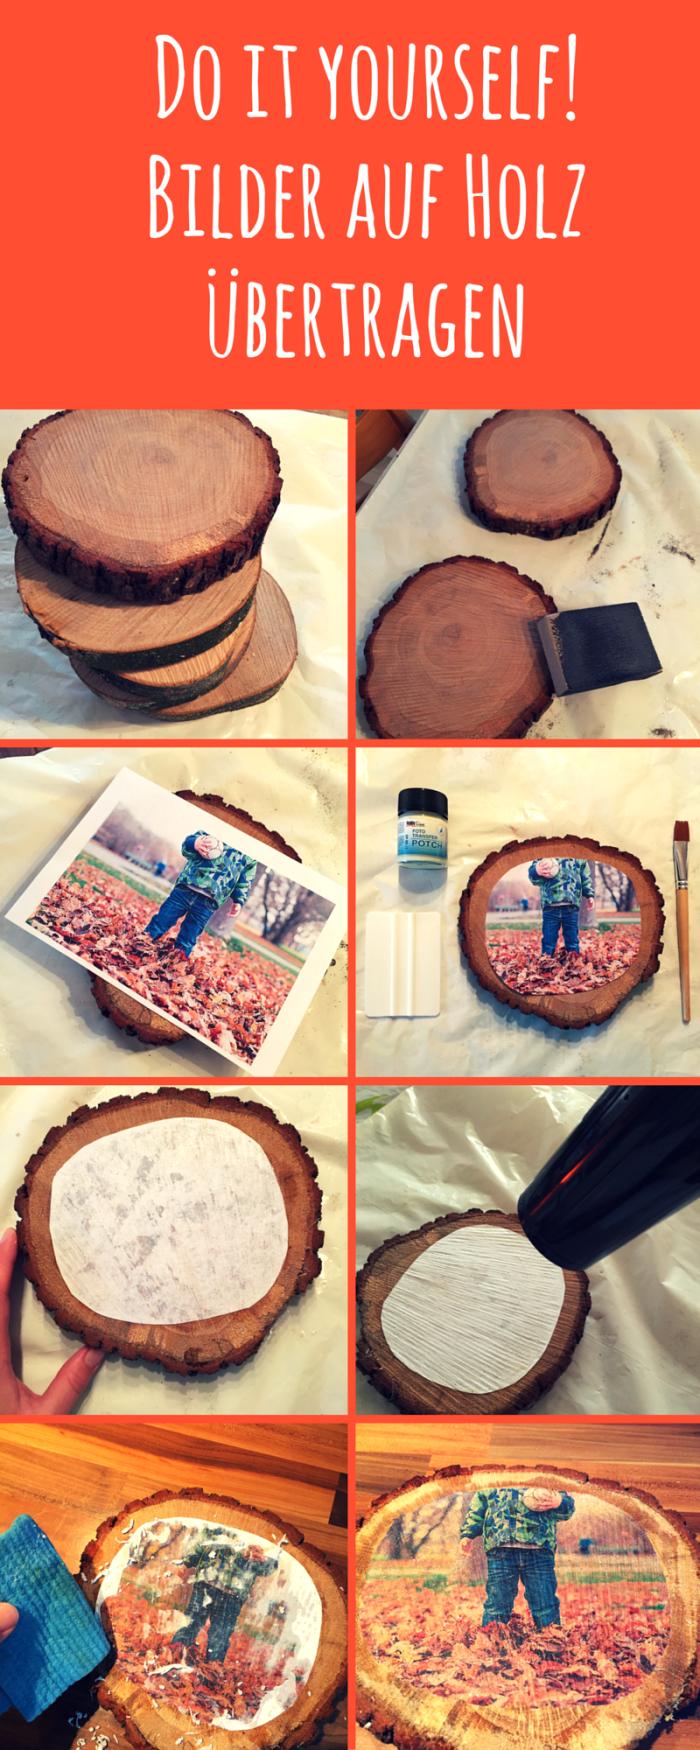 Photo of Fotos bzw. Bilder auf Holz übertragen – Die Anleitung